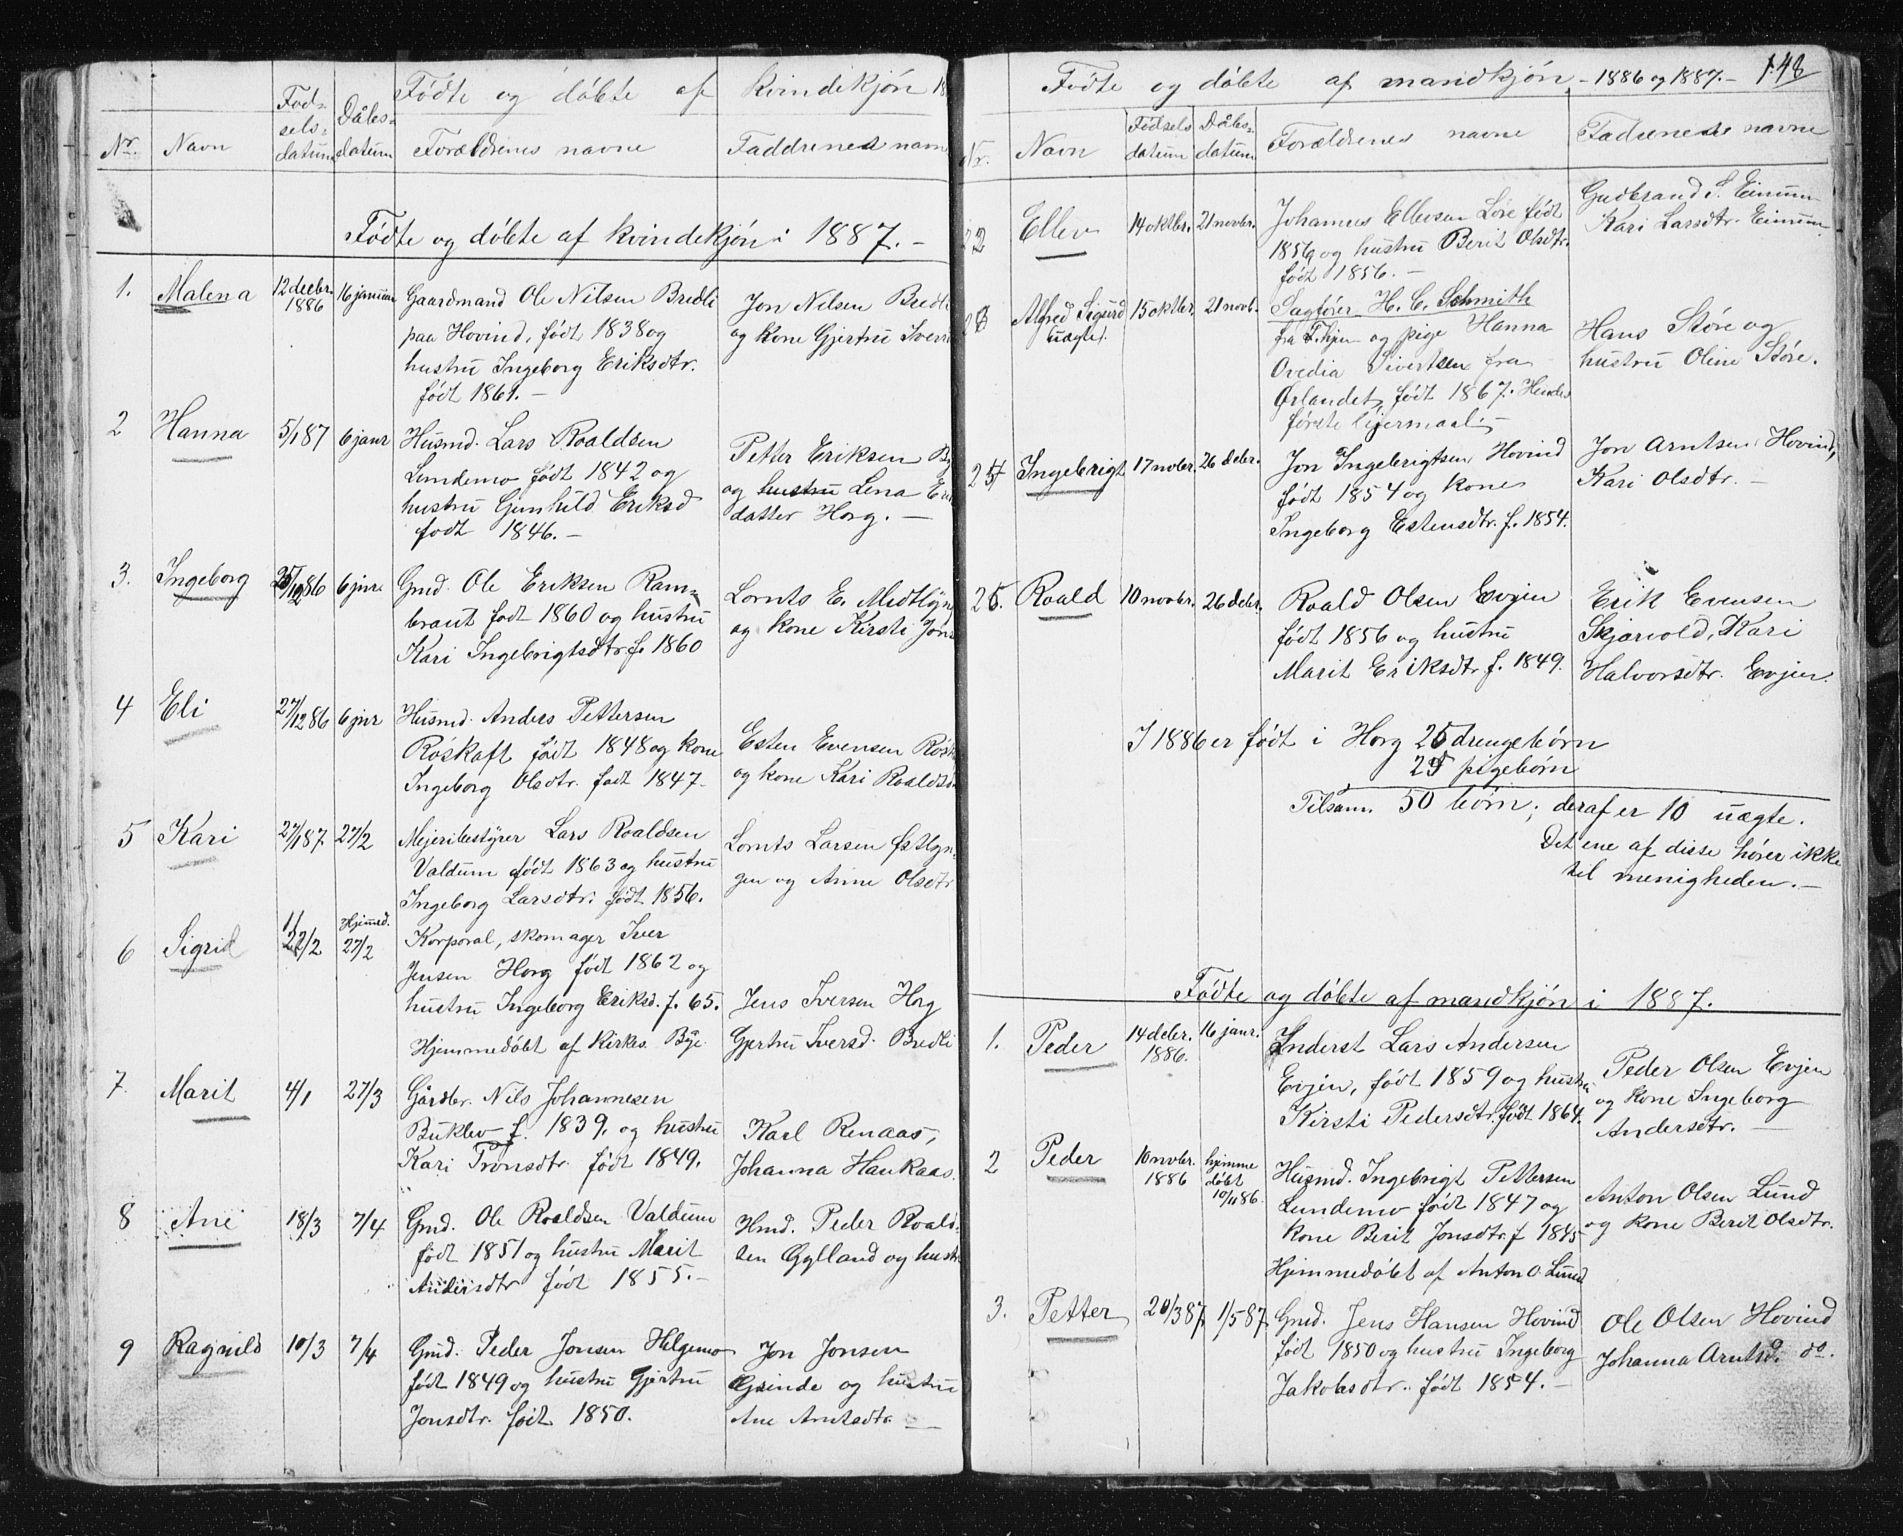 SAT, Ministerialprotokoller, klokkerbøker og fødselsregistre - Sør-Trøndelag, 692/L1110: Klokkerbok nr. 692C05, 1849-1889, s. 148